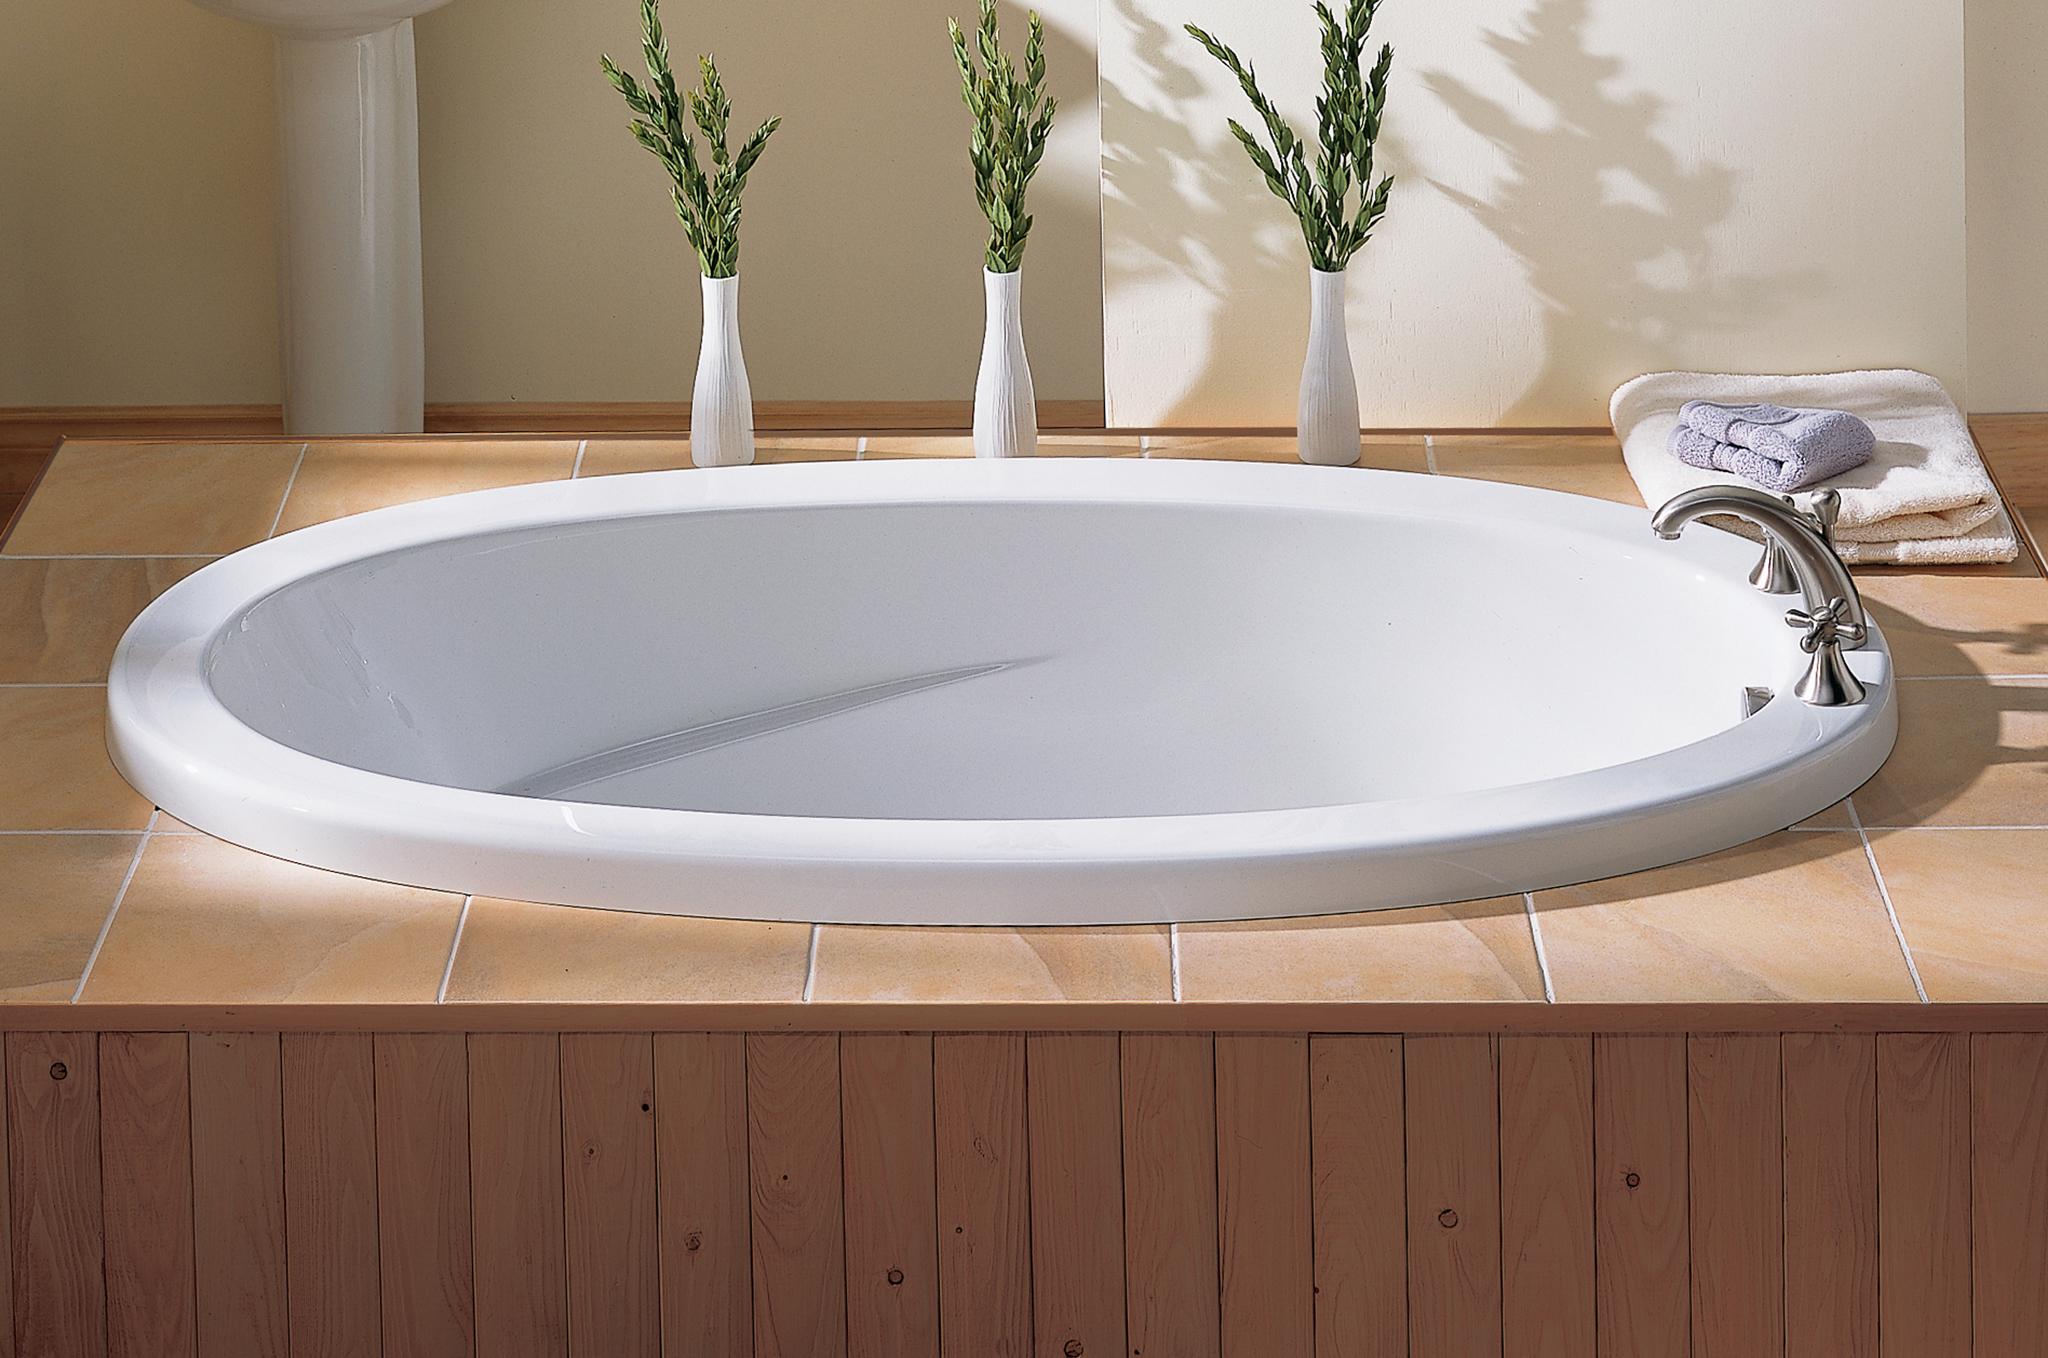 60 X 36 Oval Drop In Bathtub - Bathtub Ideas